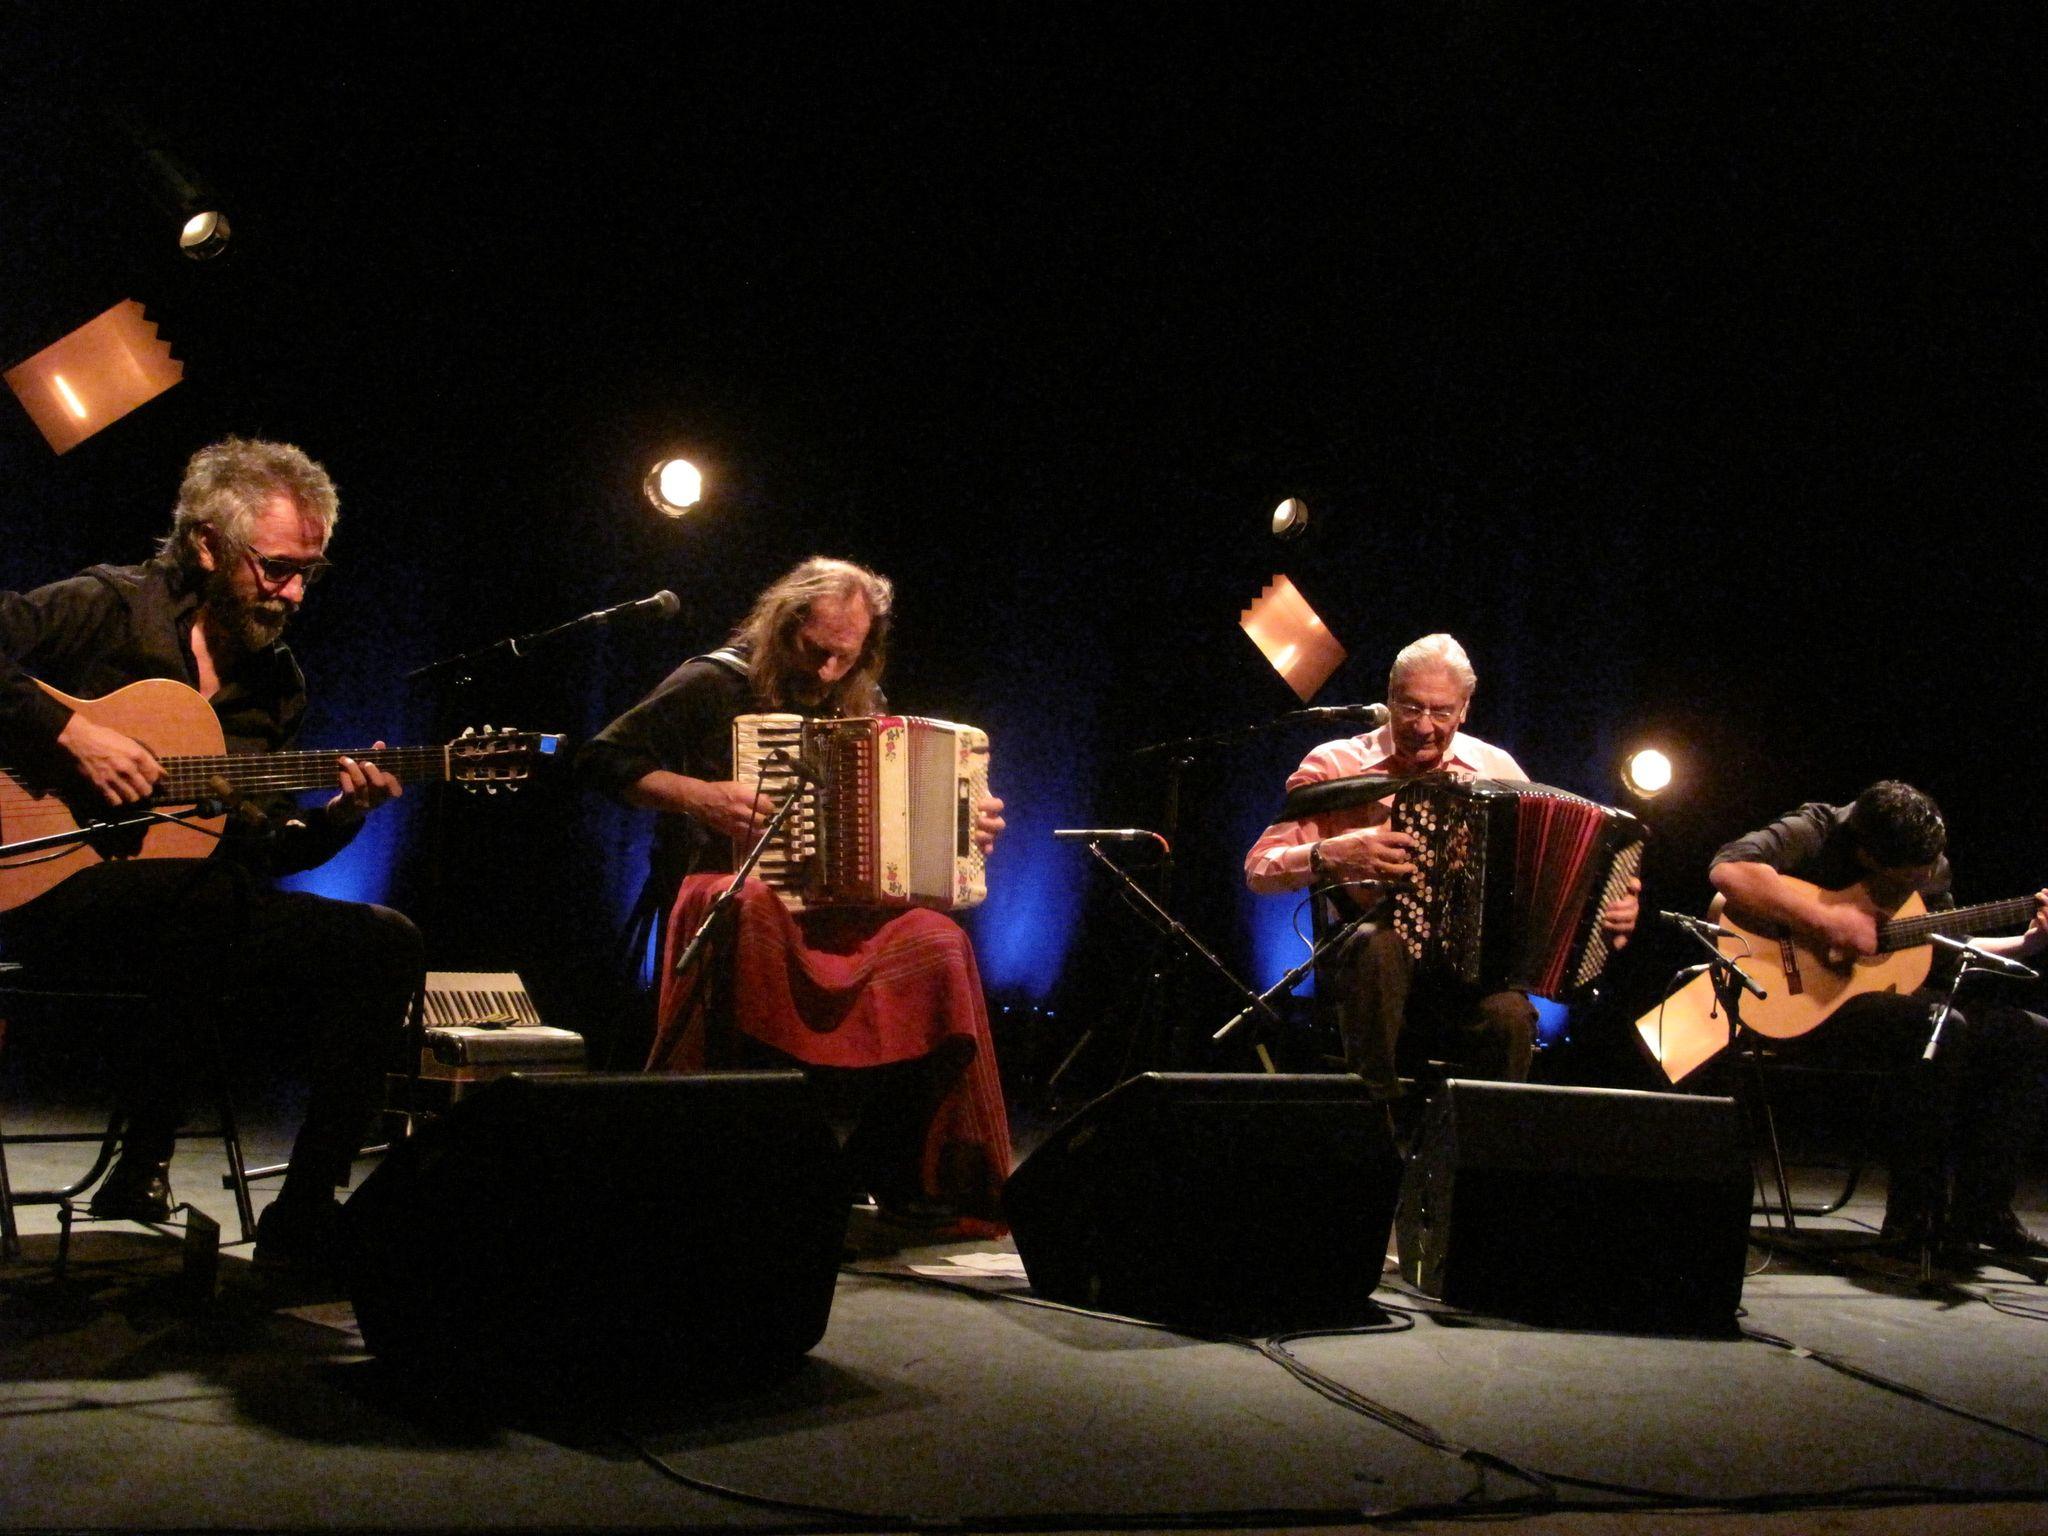 Chango Spasiuk et Raúl Barboza, Argentins, accordéonistes et éminents ambassadeurs du chamamé ont répondu aux question de Fabrice Bérard pour Z Interview sur Allô la planète